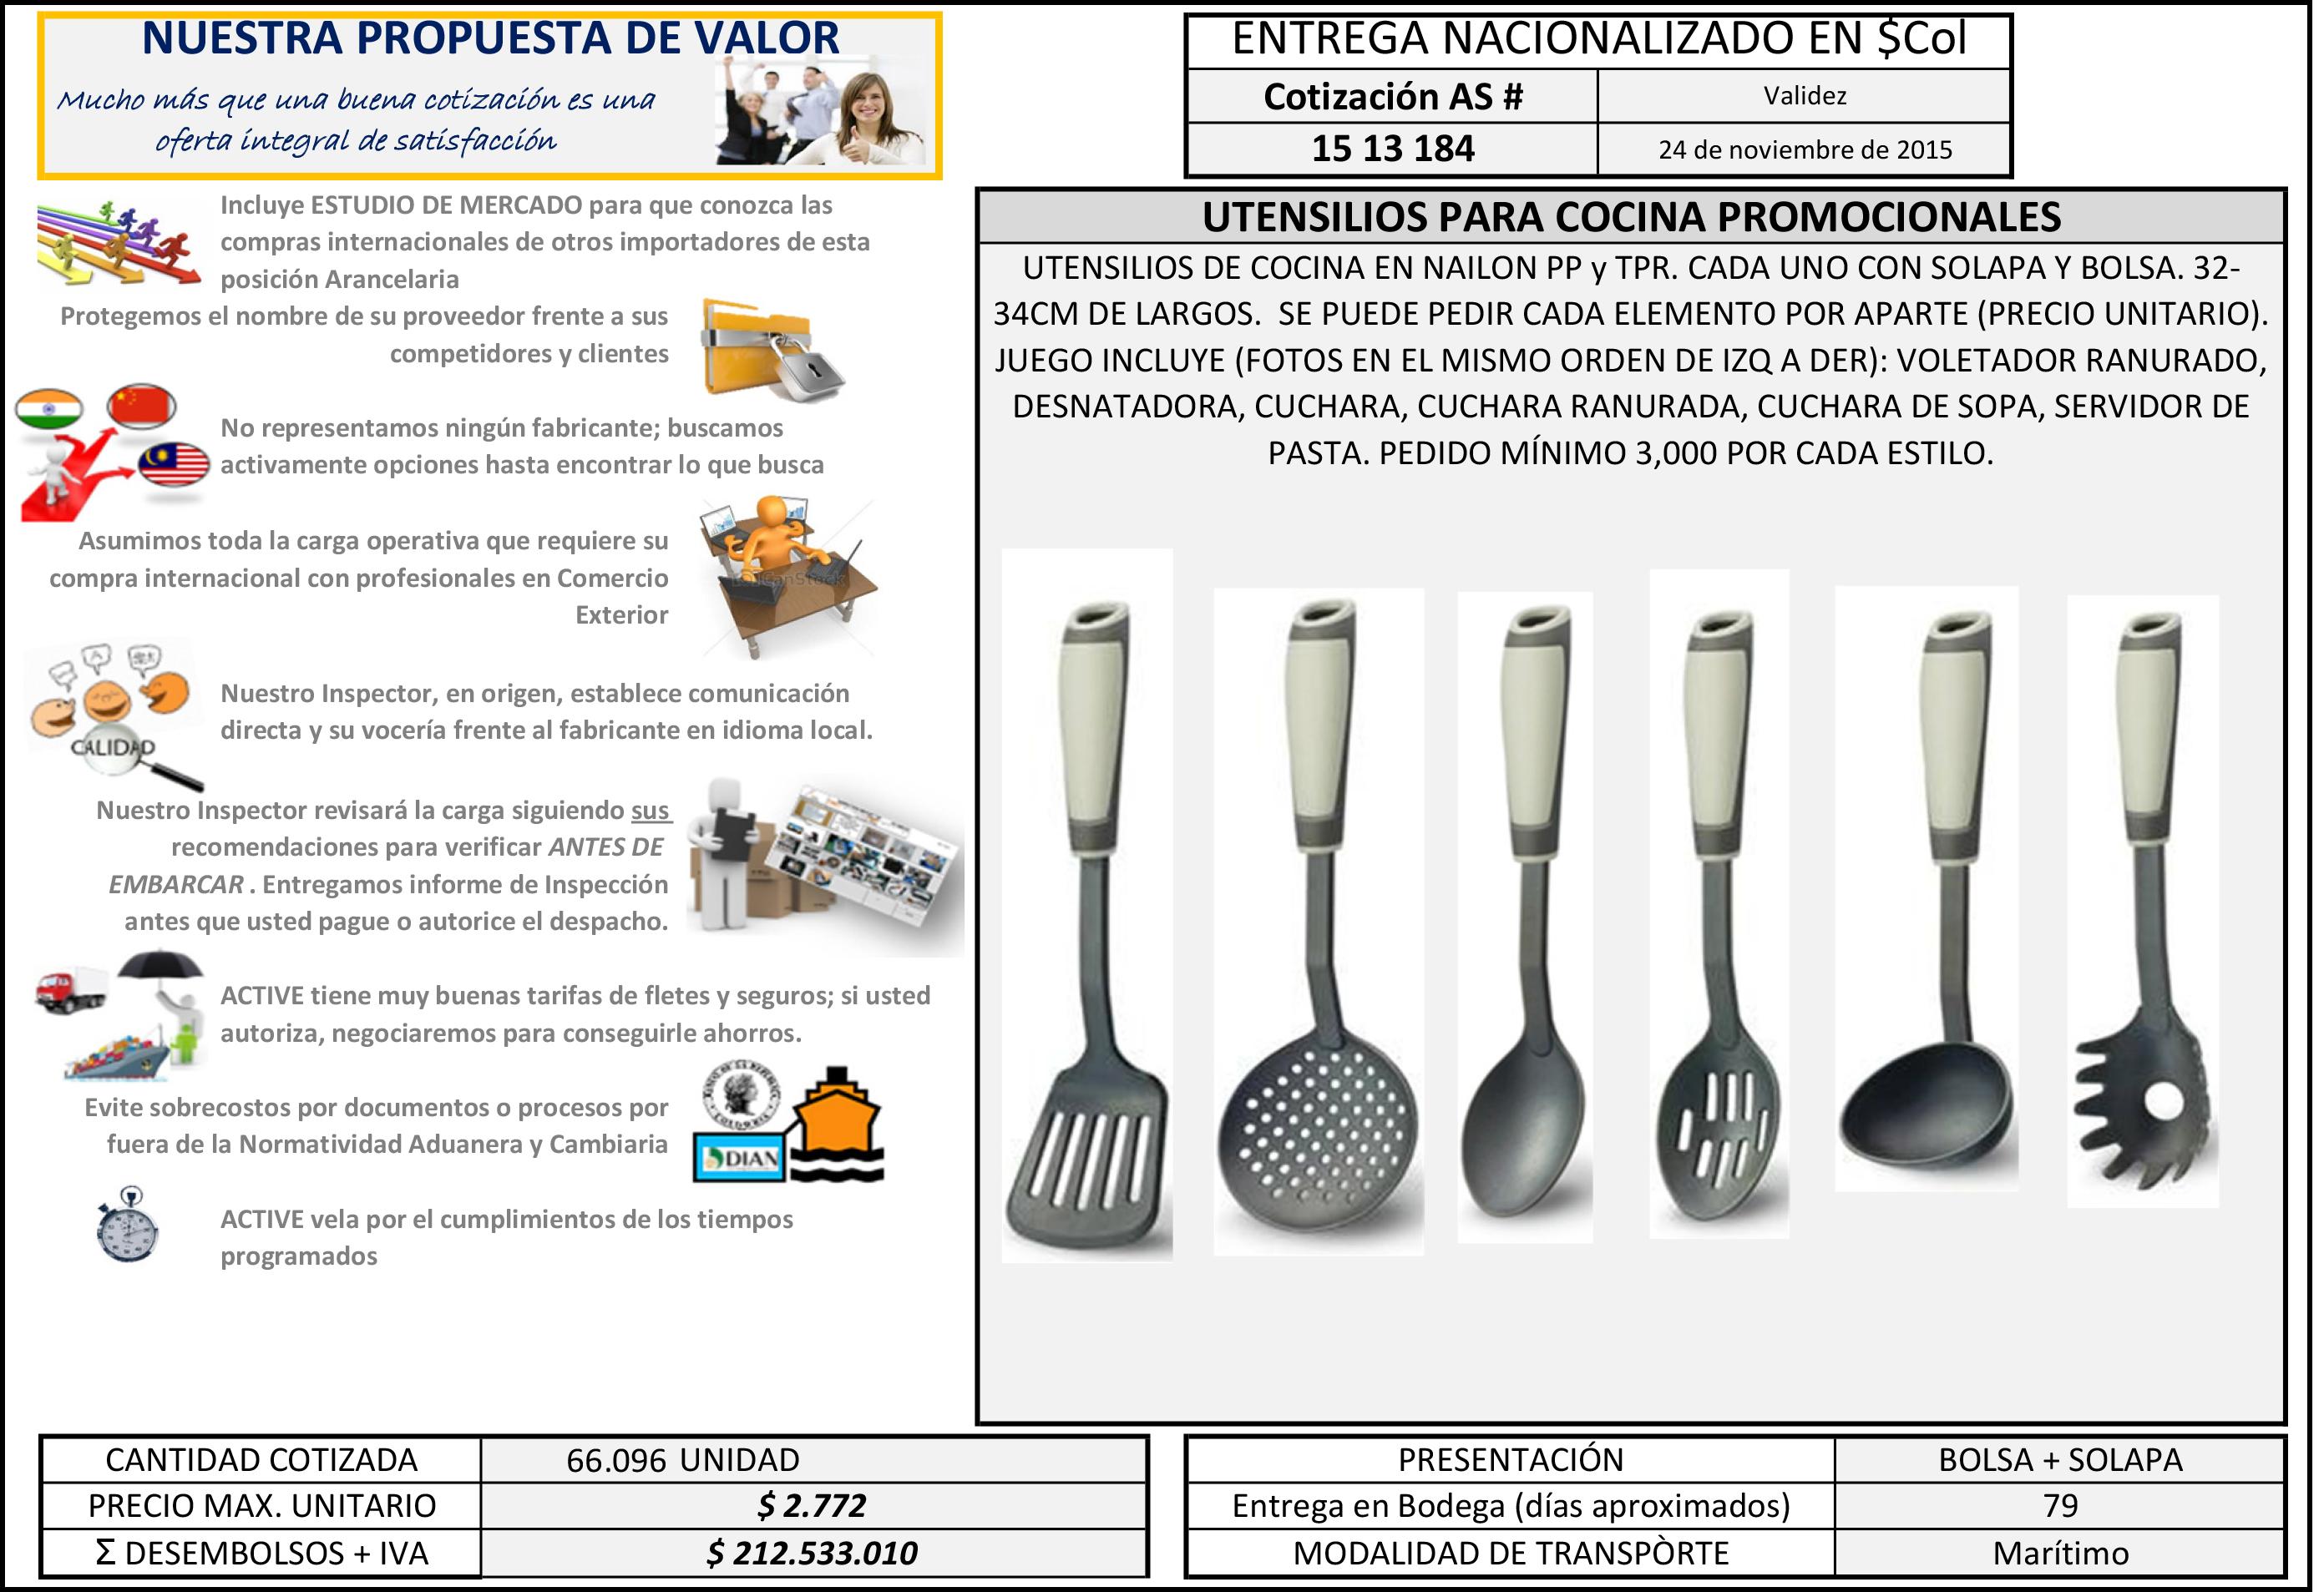 Utensilios para cocina promocionales active products for Utensilios de cocina nombres e imagenes